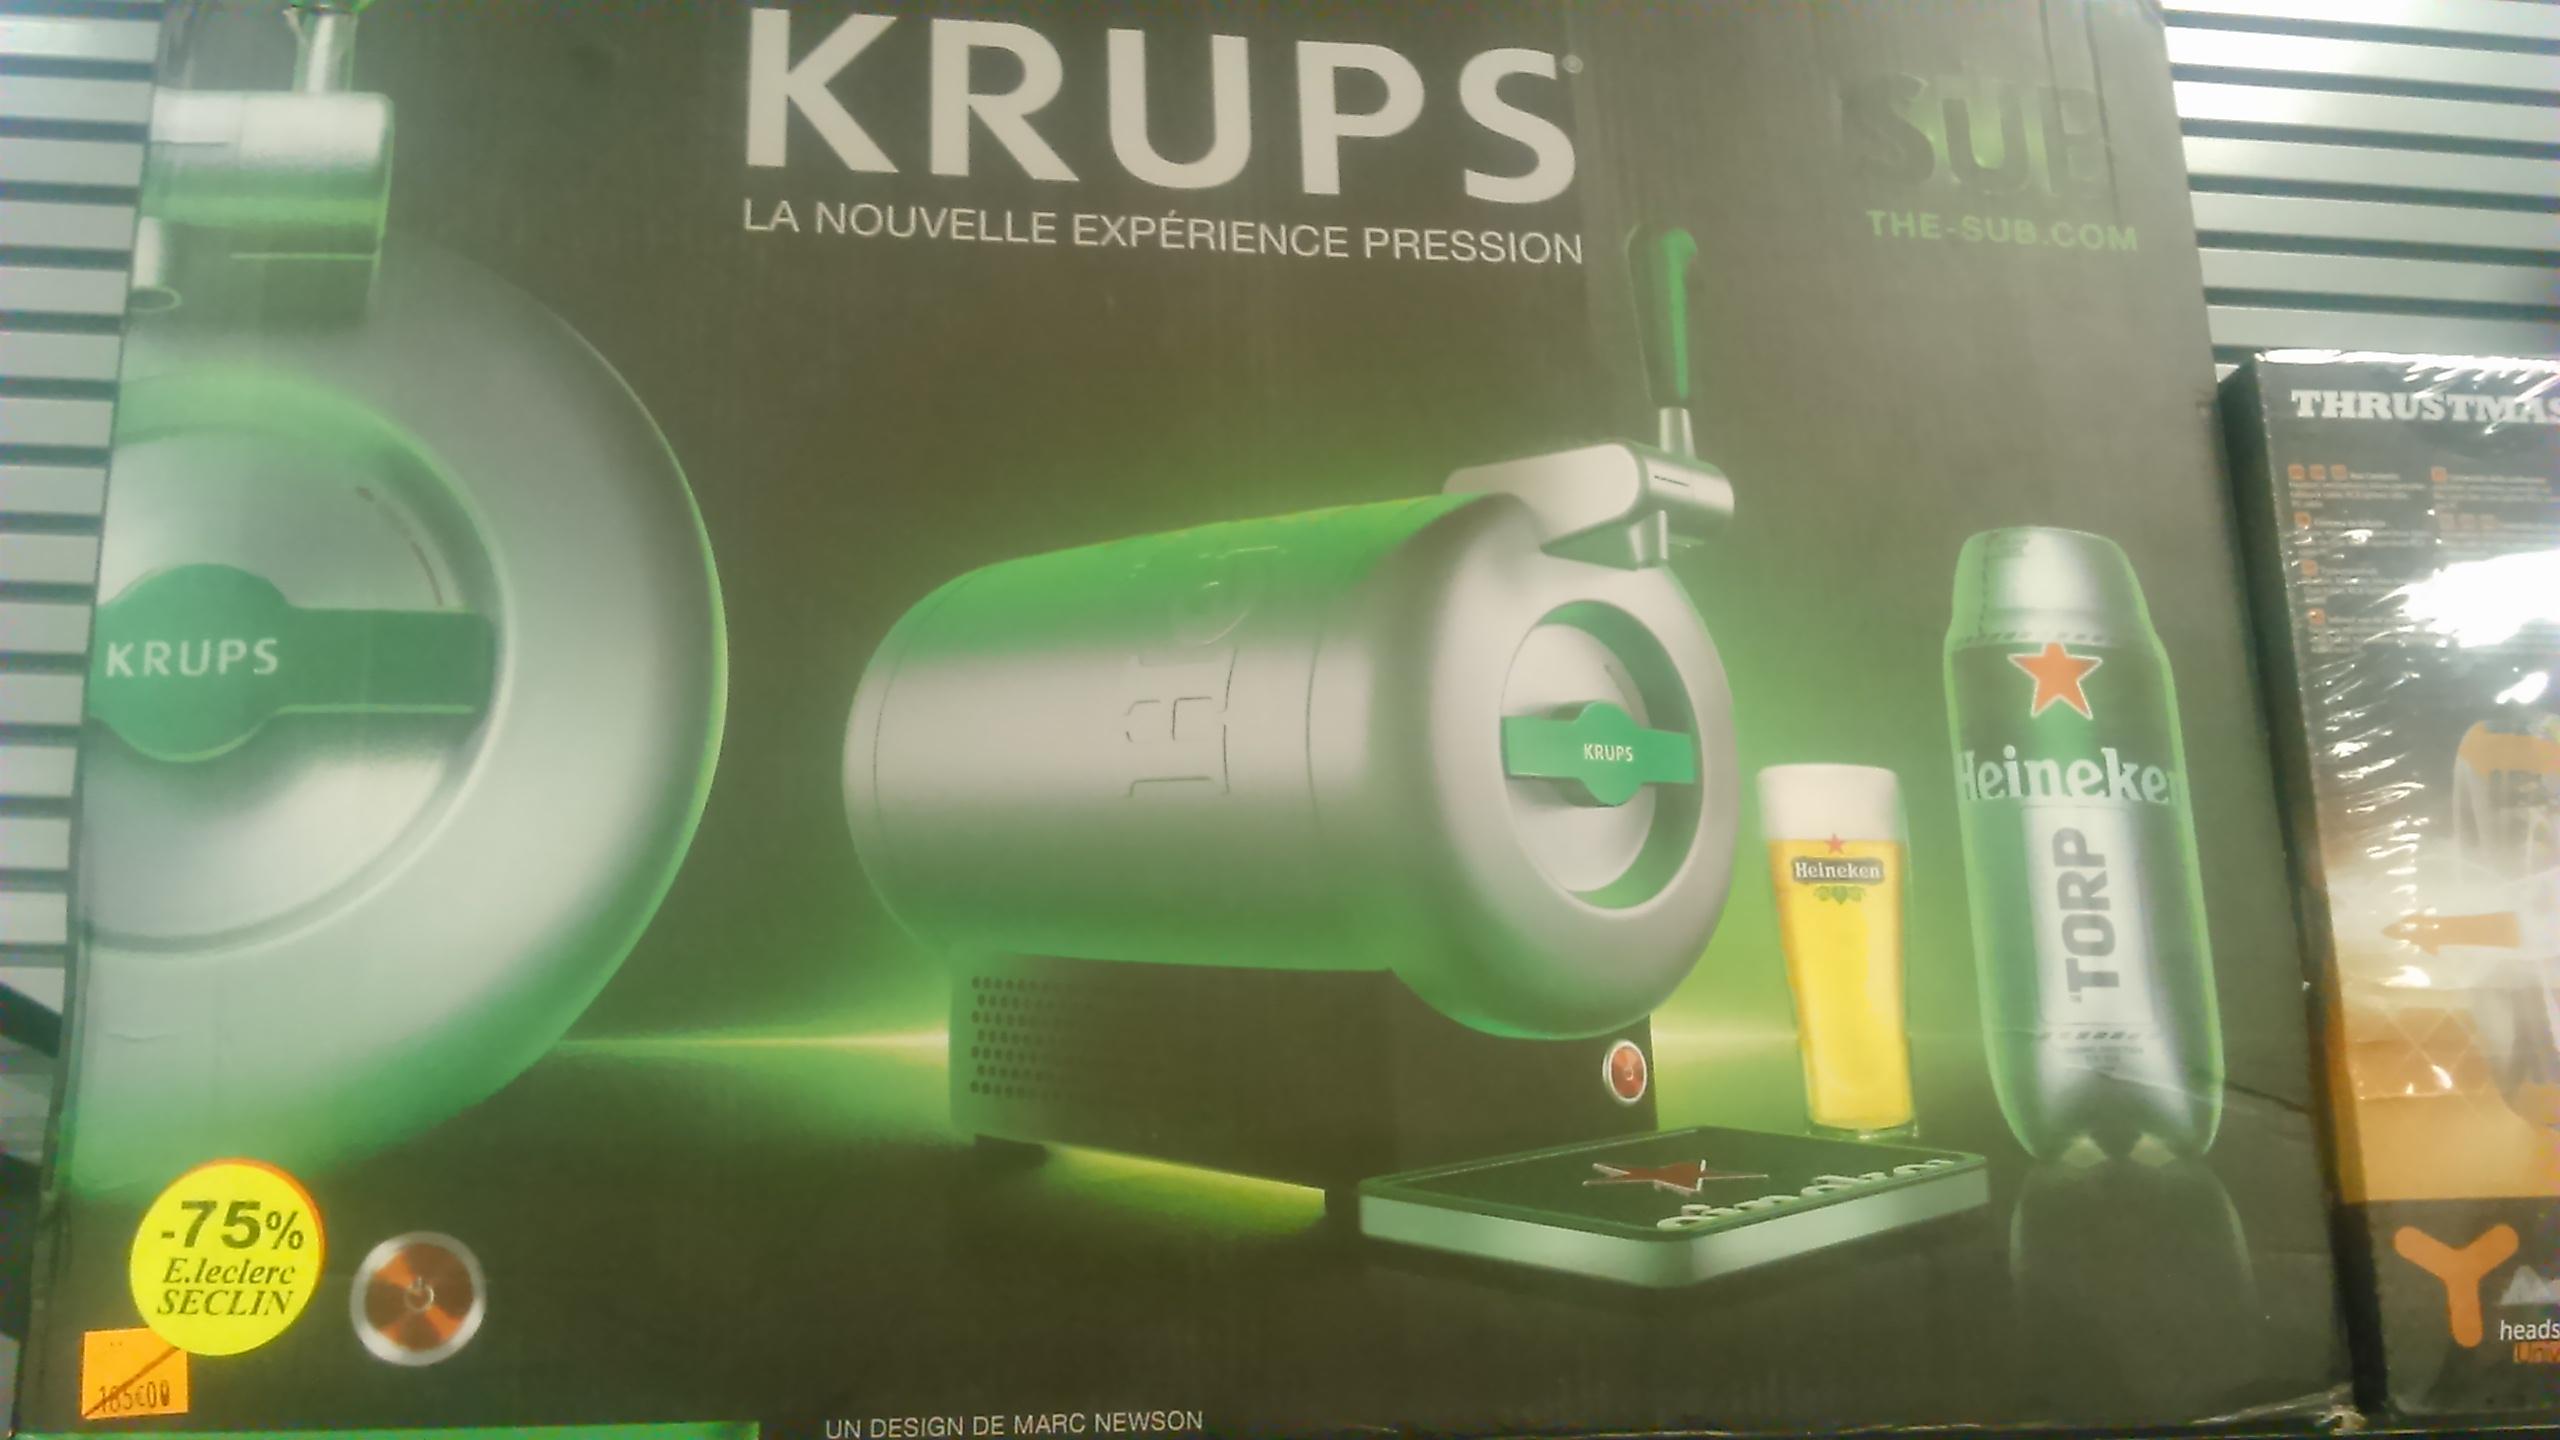 Tireuse à bière The Sub Krups - Leclerc Seclin (59)